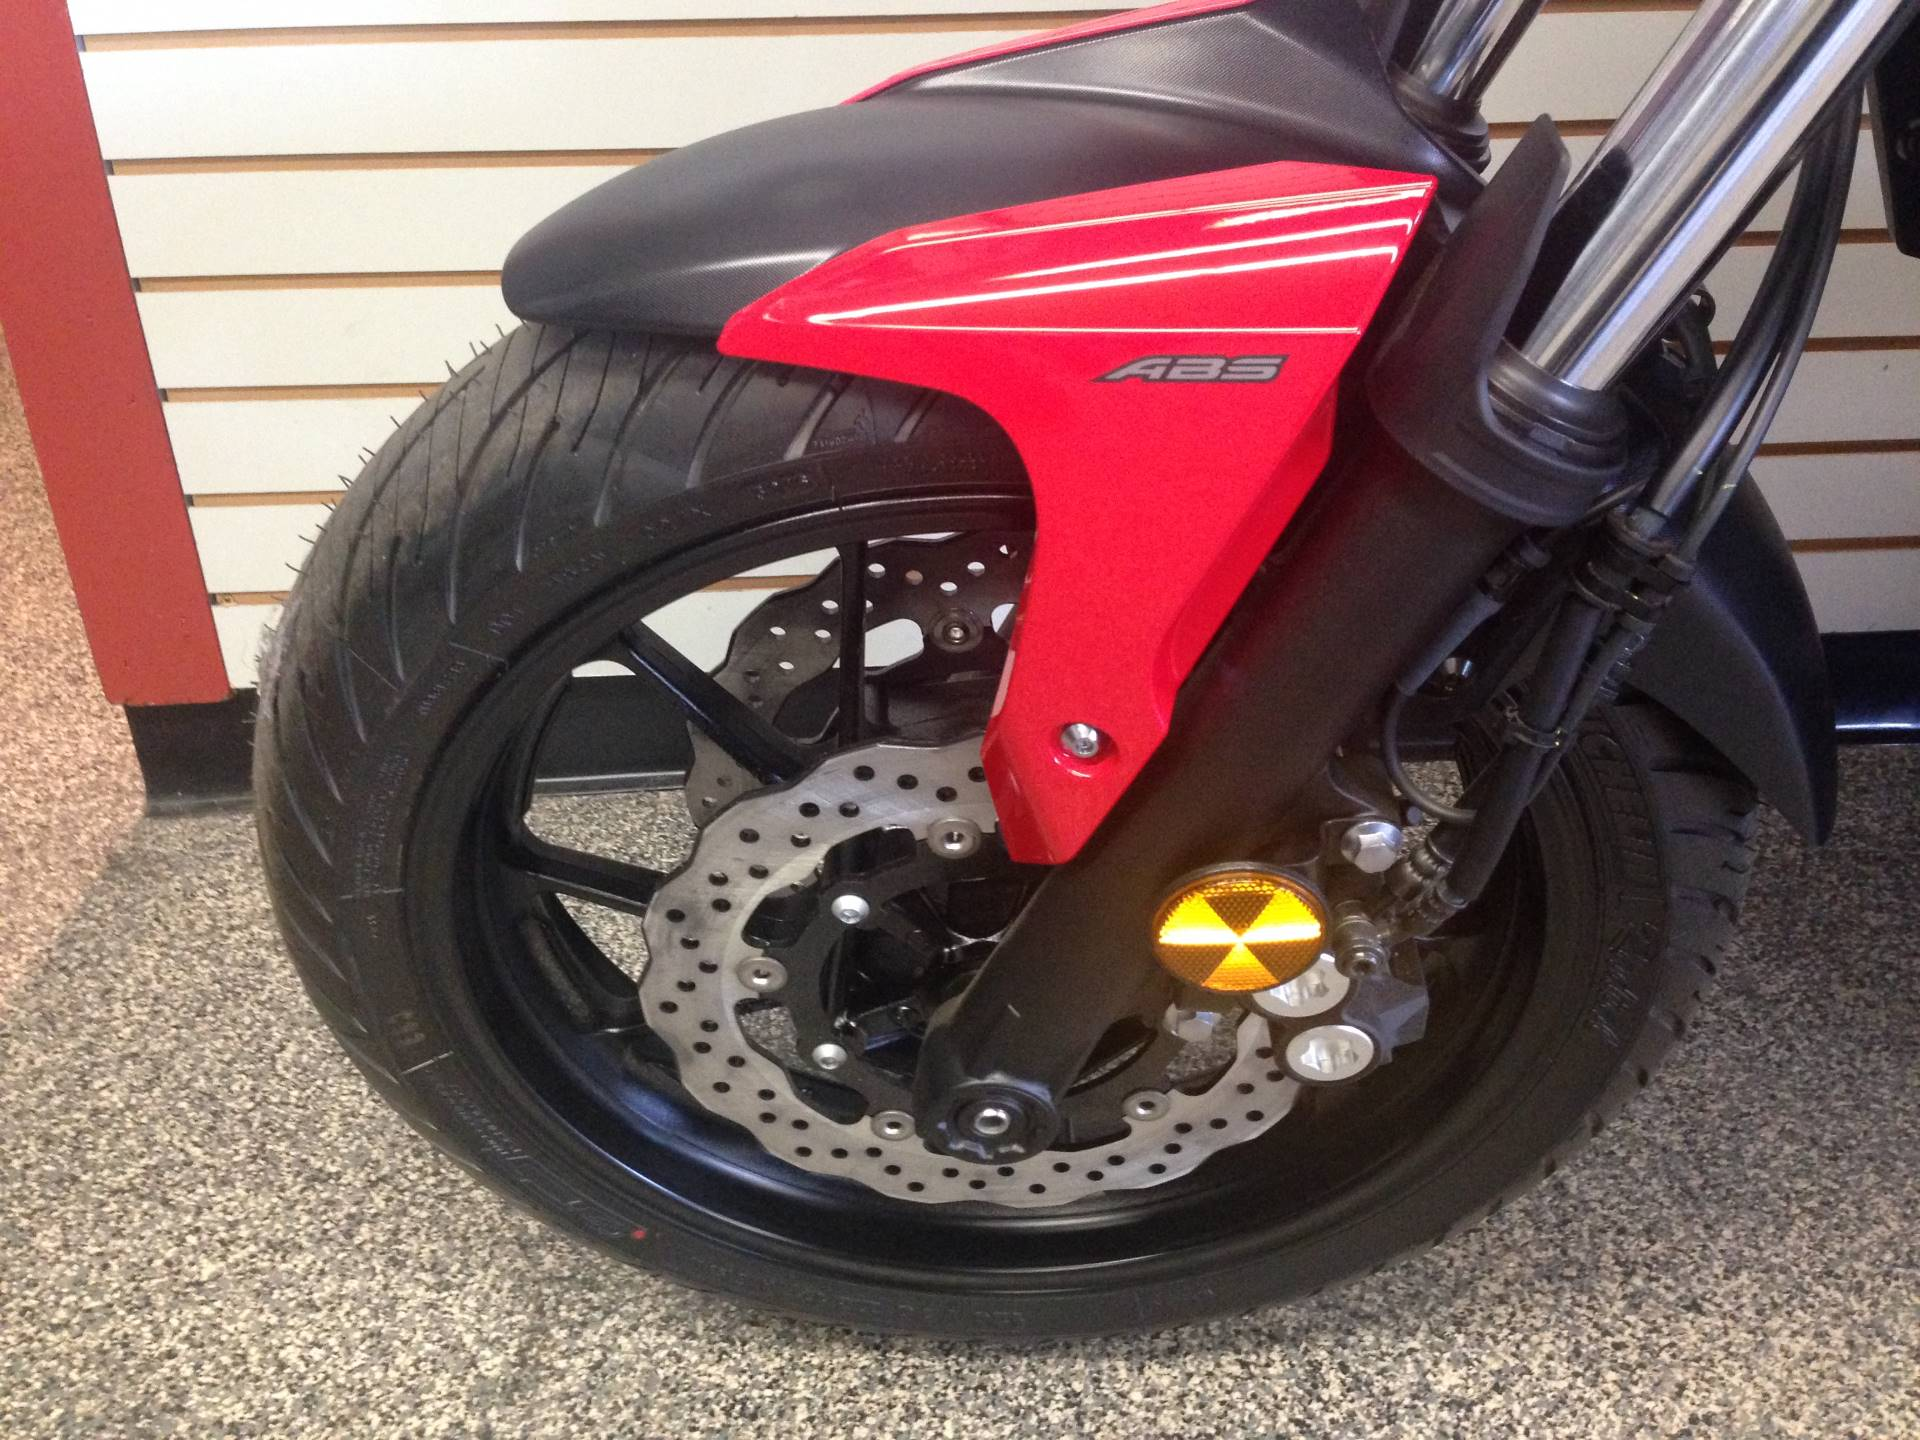 2017 Yamaha FZ-07 ABS for sale 30288